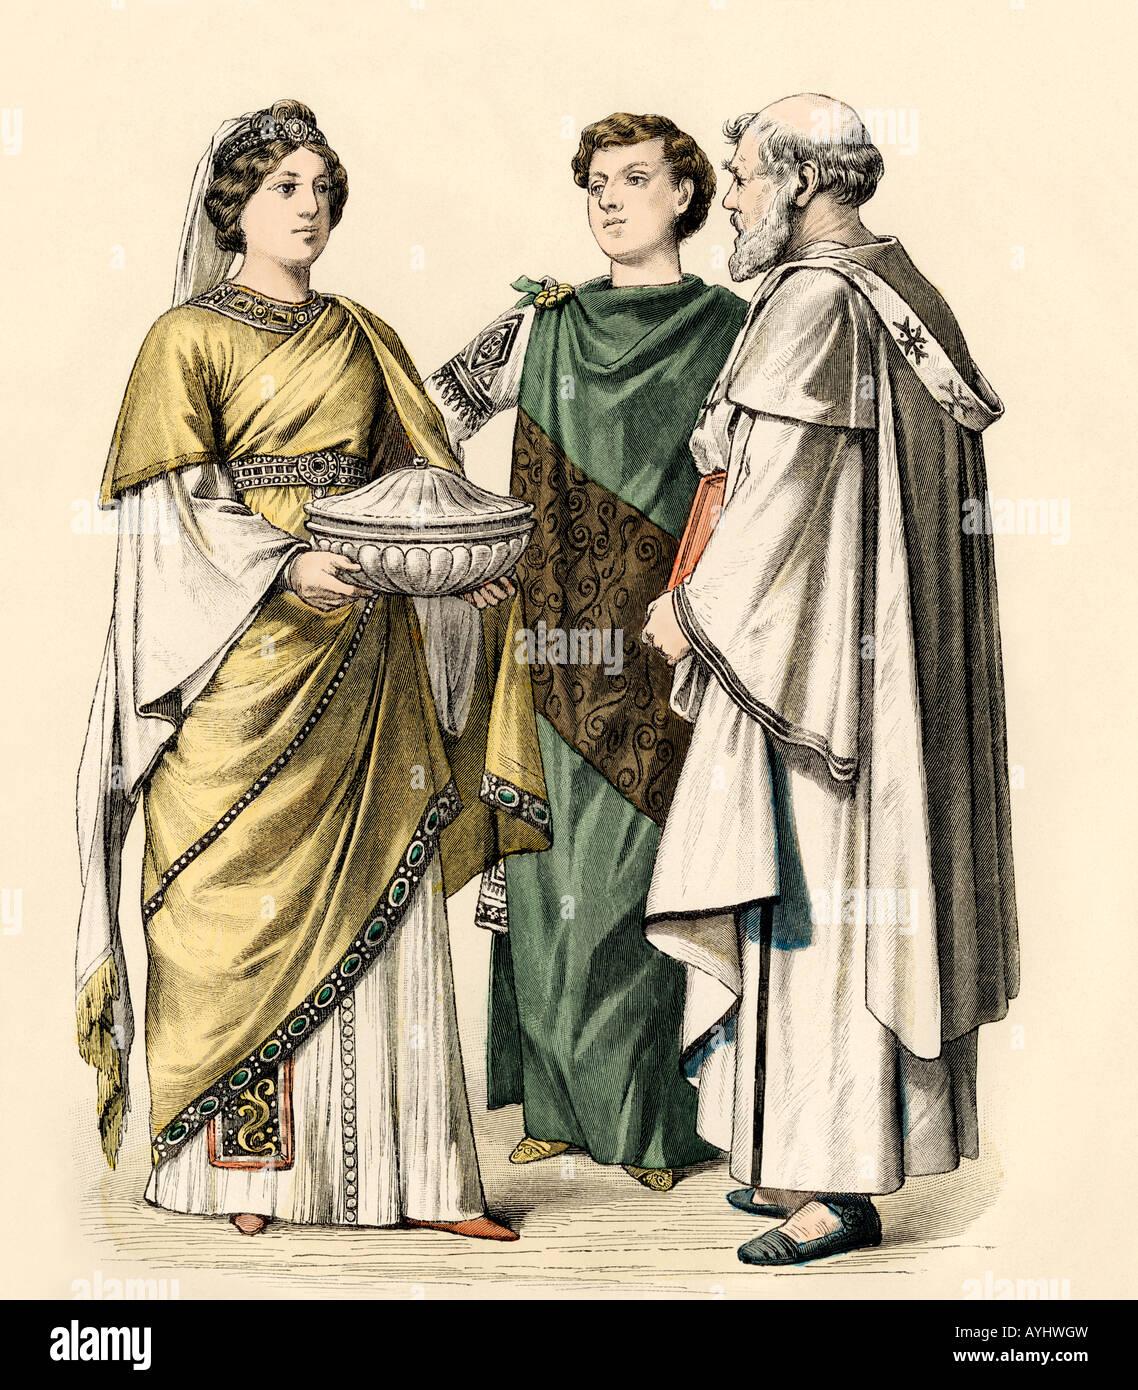 Les fonctionnaires de l'Empire byzantin au Vie siècle apr. Impression couleur à la main Photo Stock